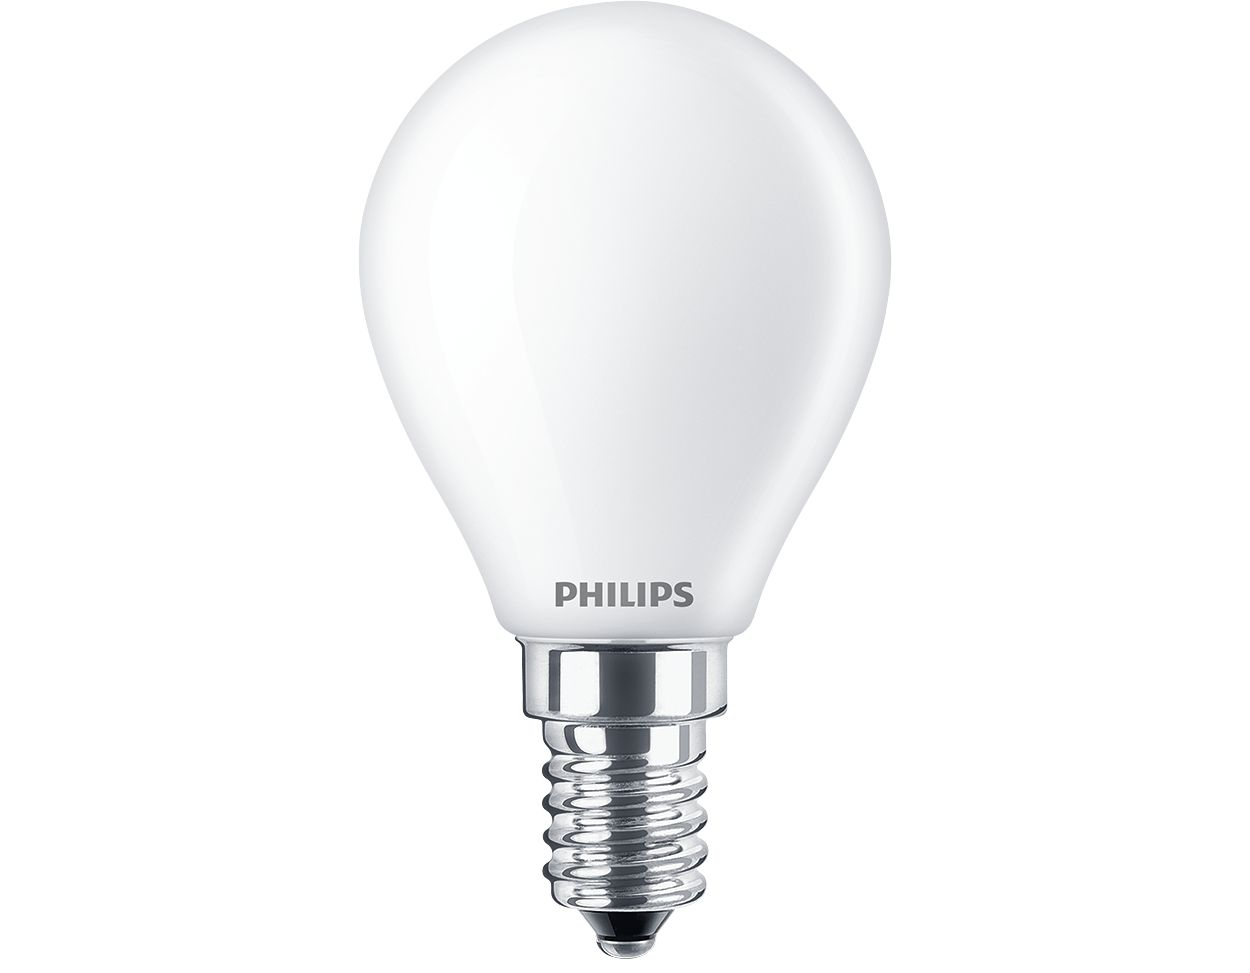 Philips Lampadina a LED Lampadina a LED - Incalus40e14